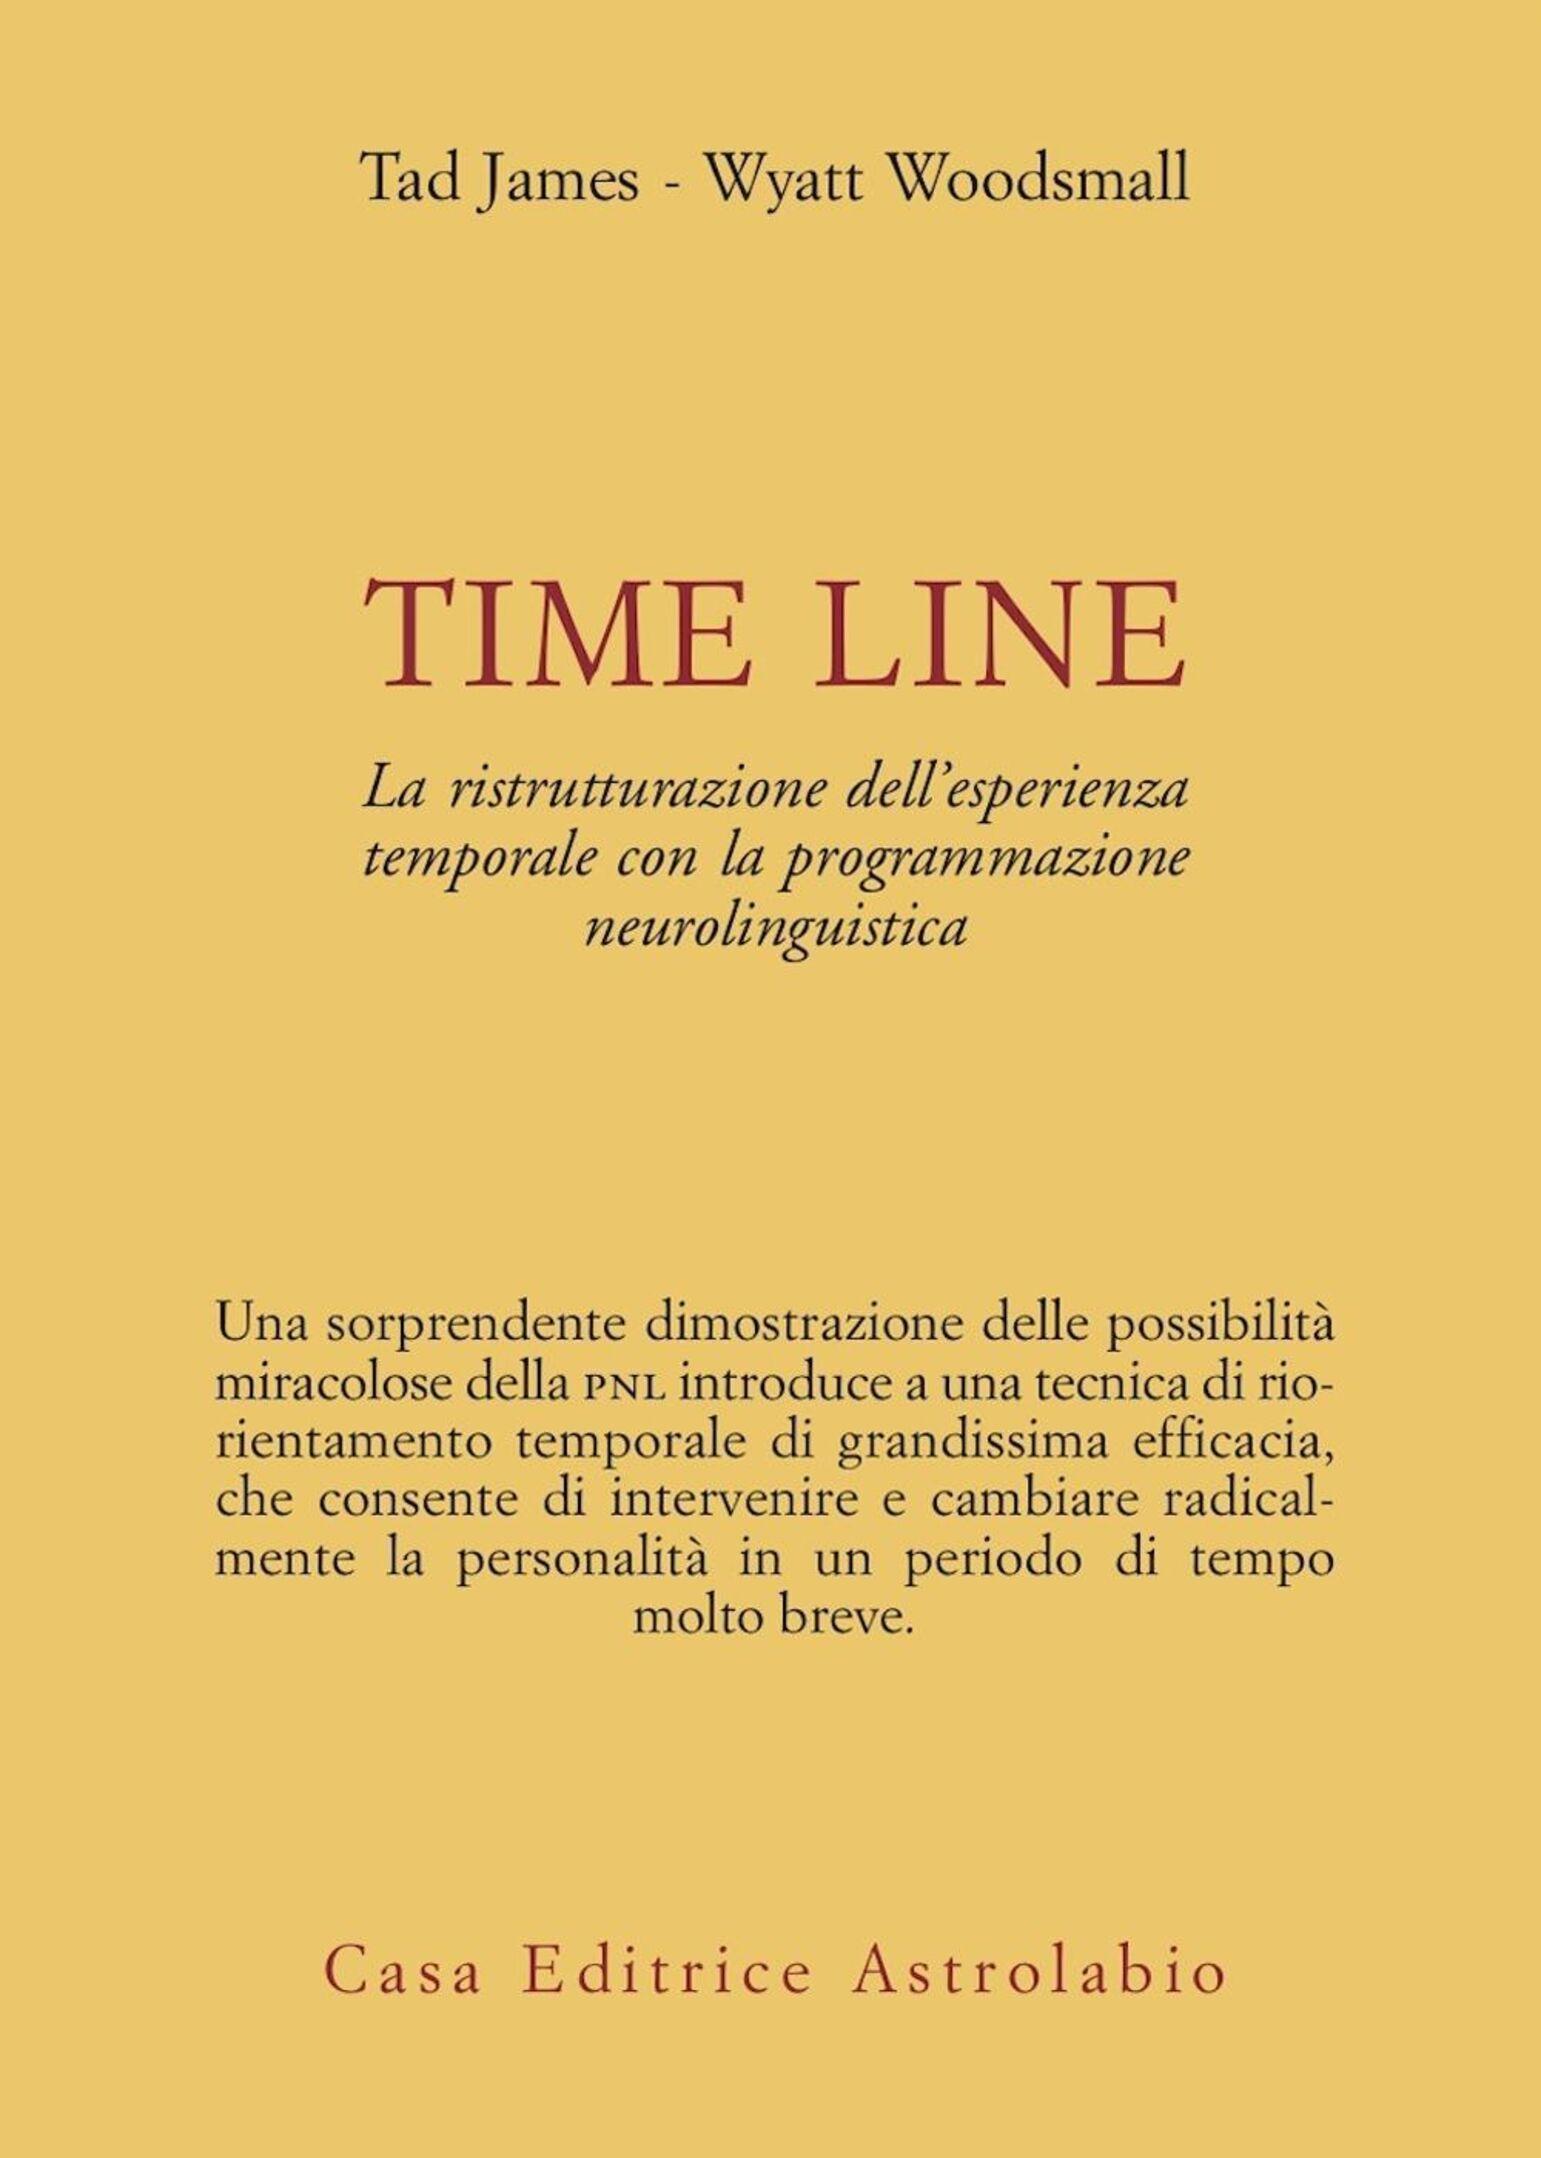 Time line. La ristrutturazione dell'esperienza temporale con la programmazione neurolinguistica